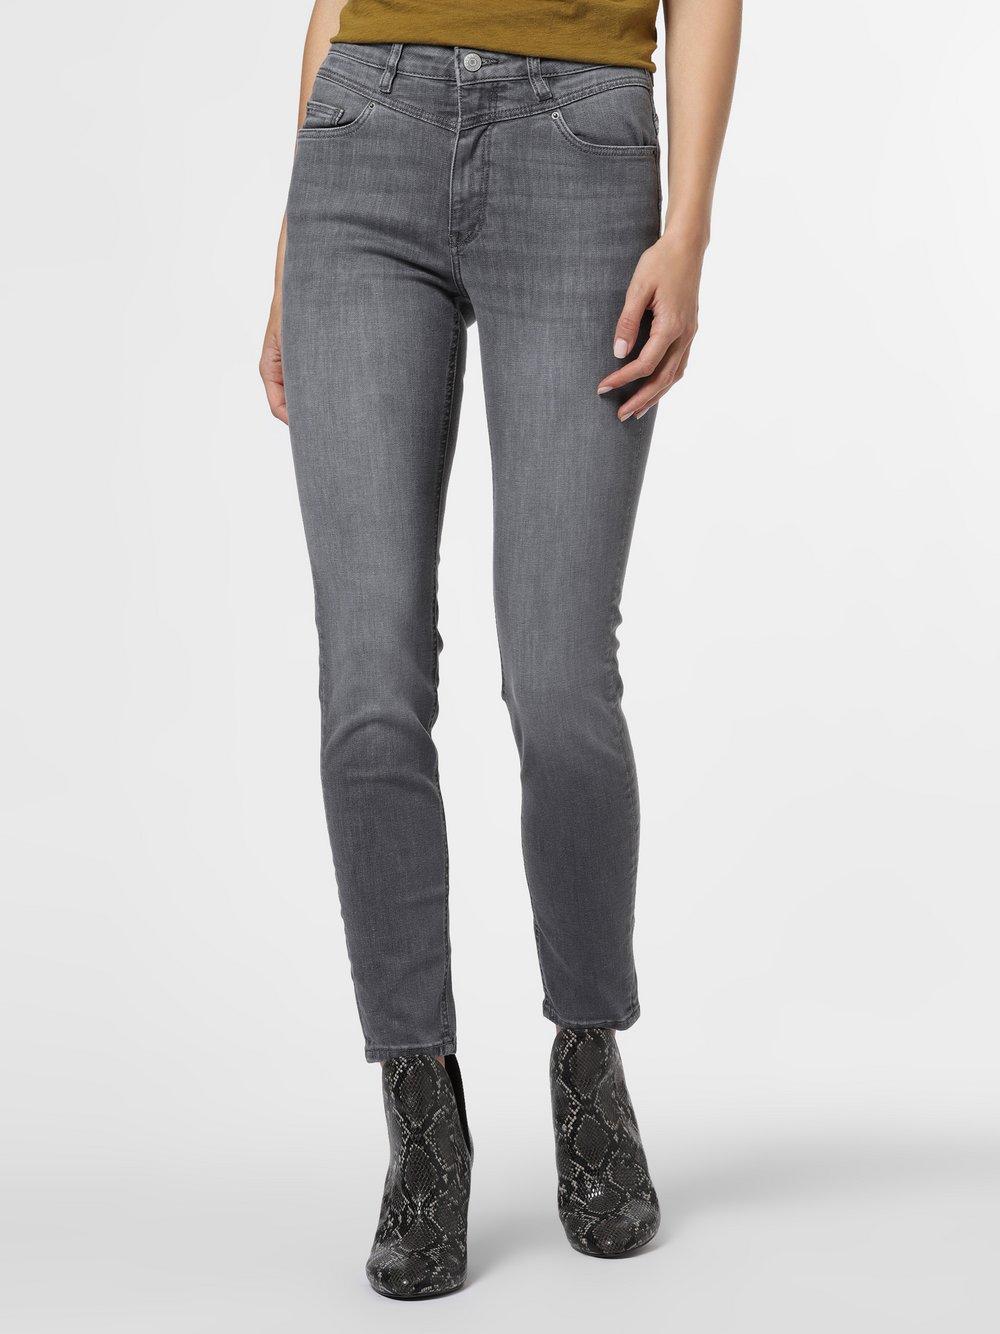 Esprit Casual - Spodnie damskie, szary